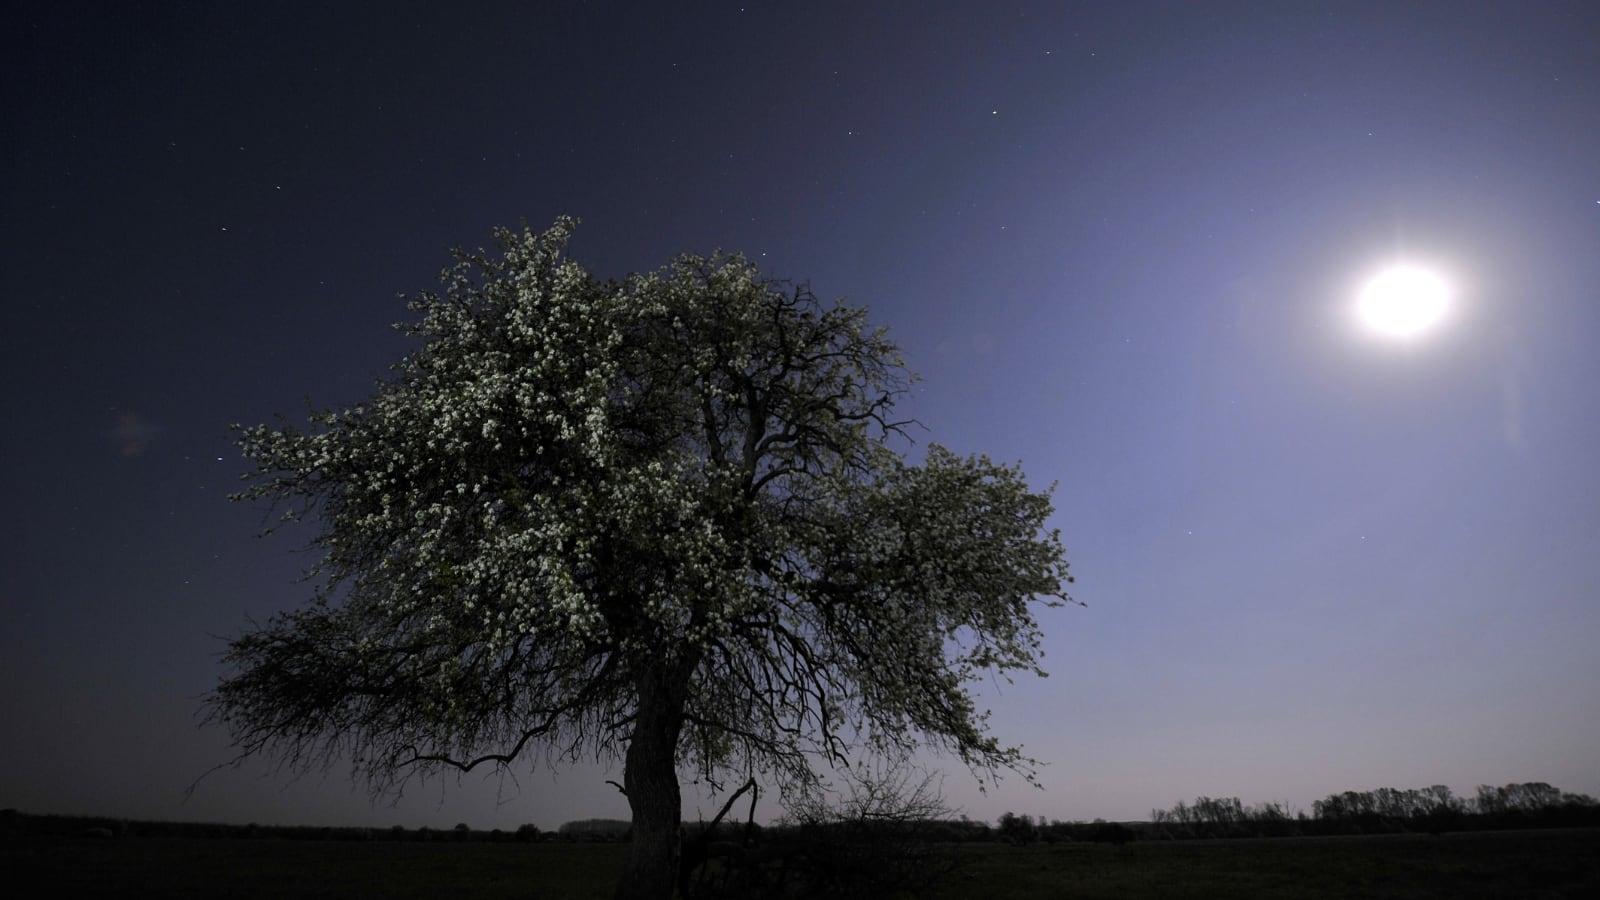 holdfény és látvány)